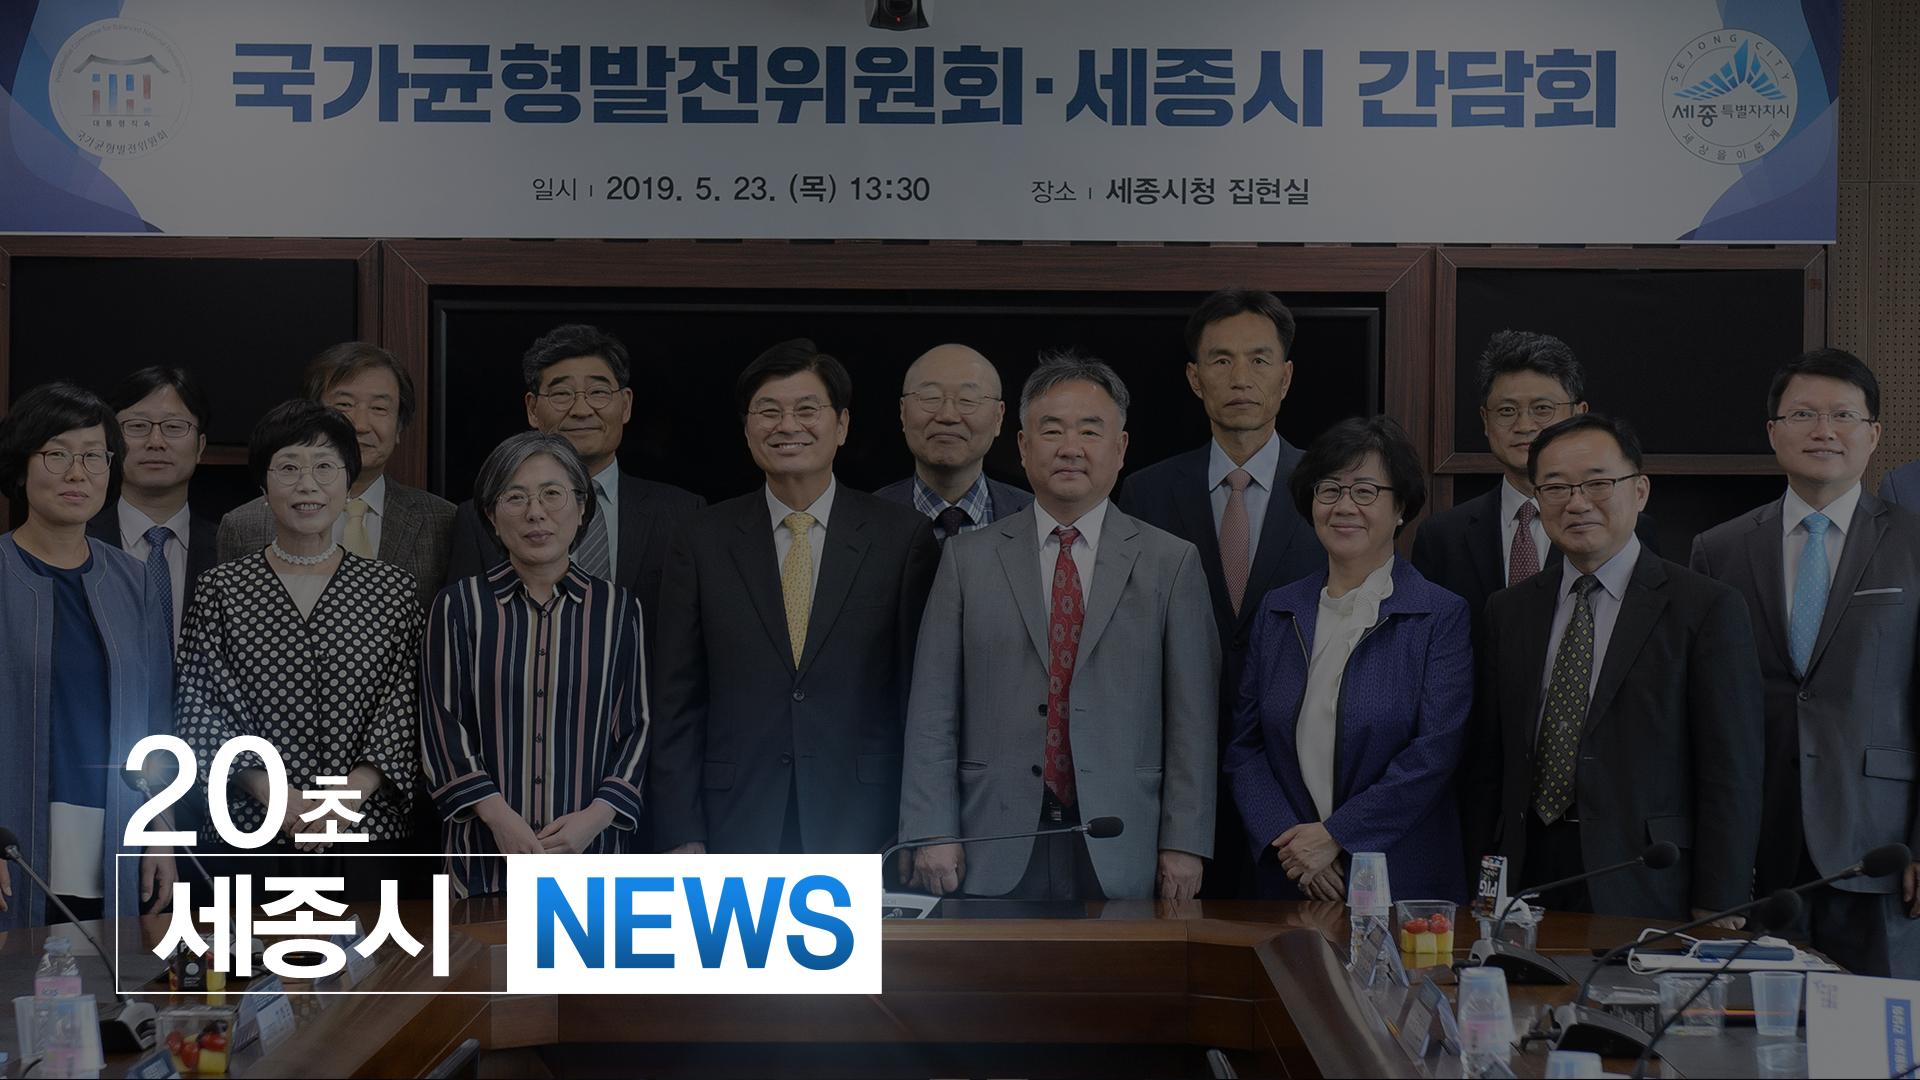 <20초뉴스>행정수도 기능강화로 국정운영 비효율 개선